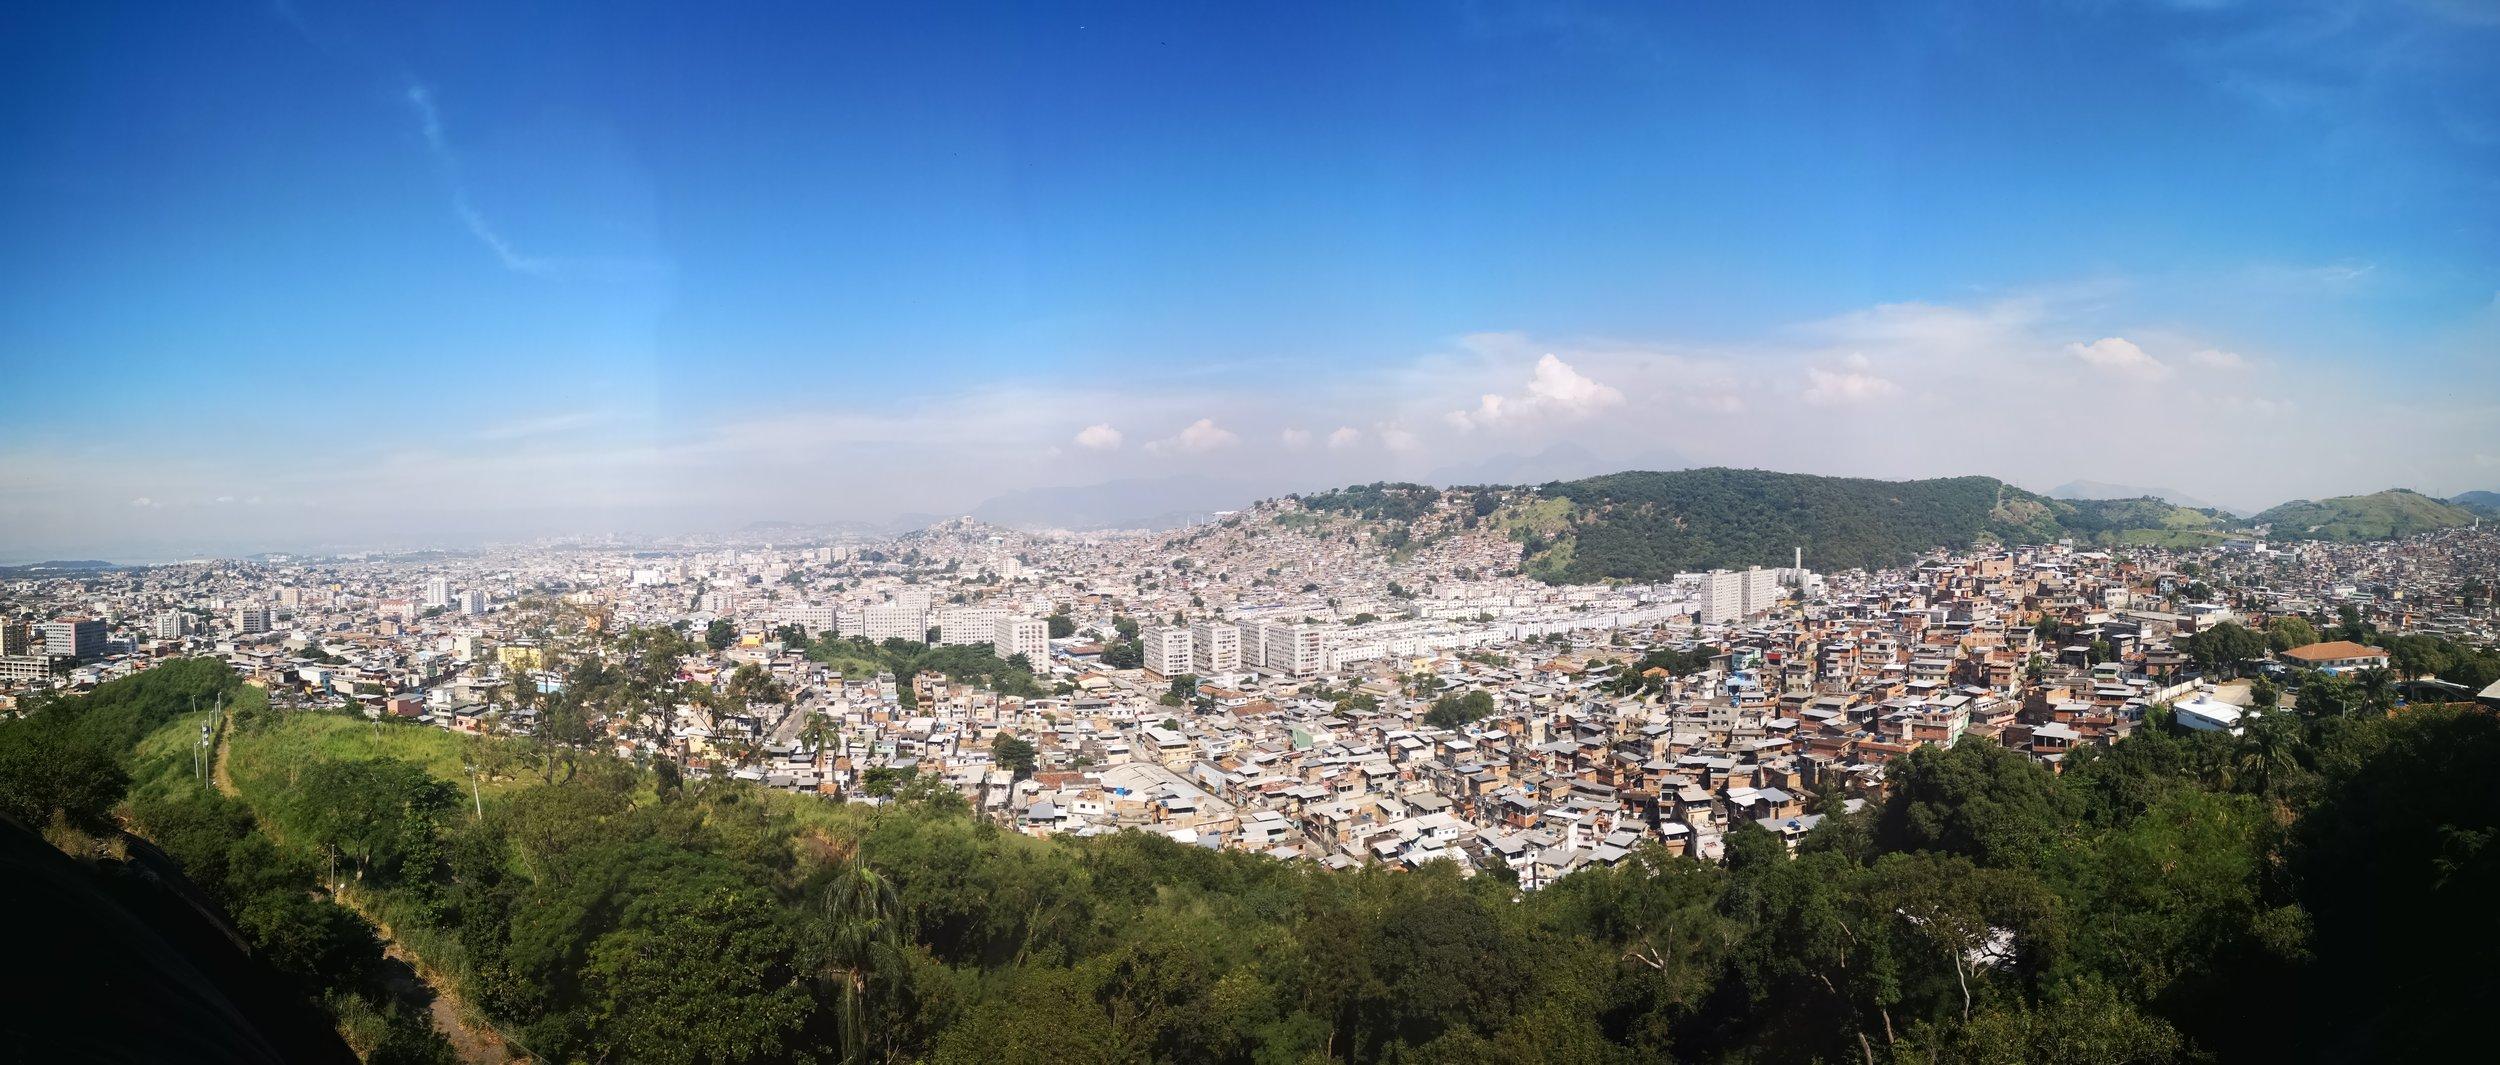 Overlooking Complexo de Penha & Complexo do Alemao from Basilica da Penha.